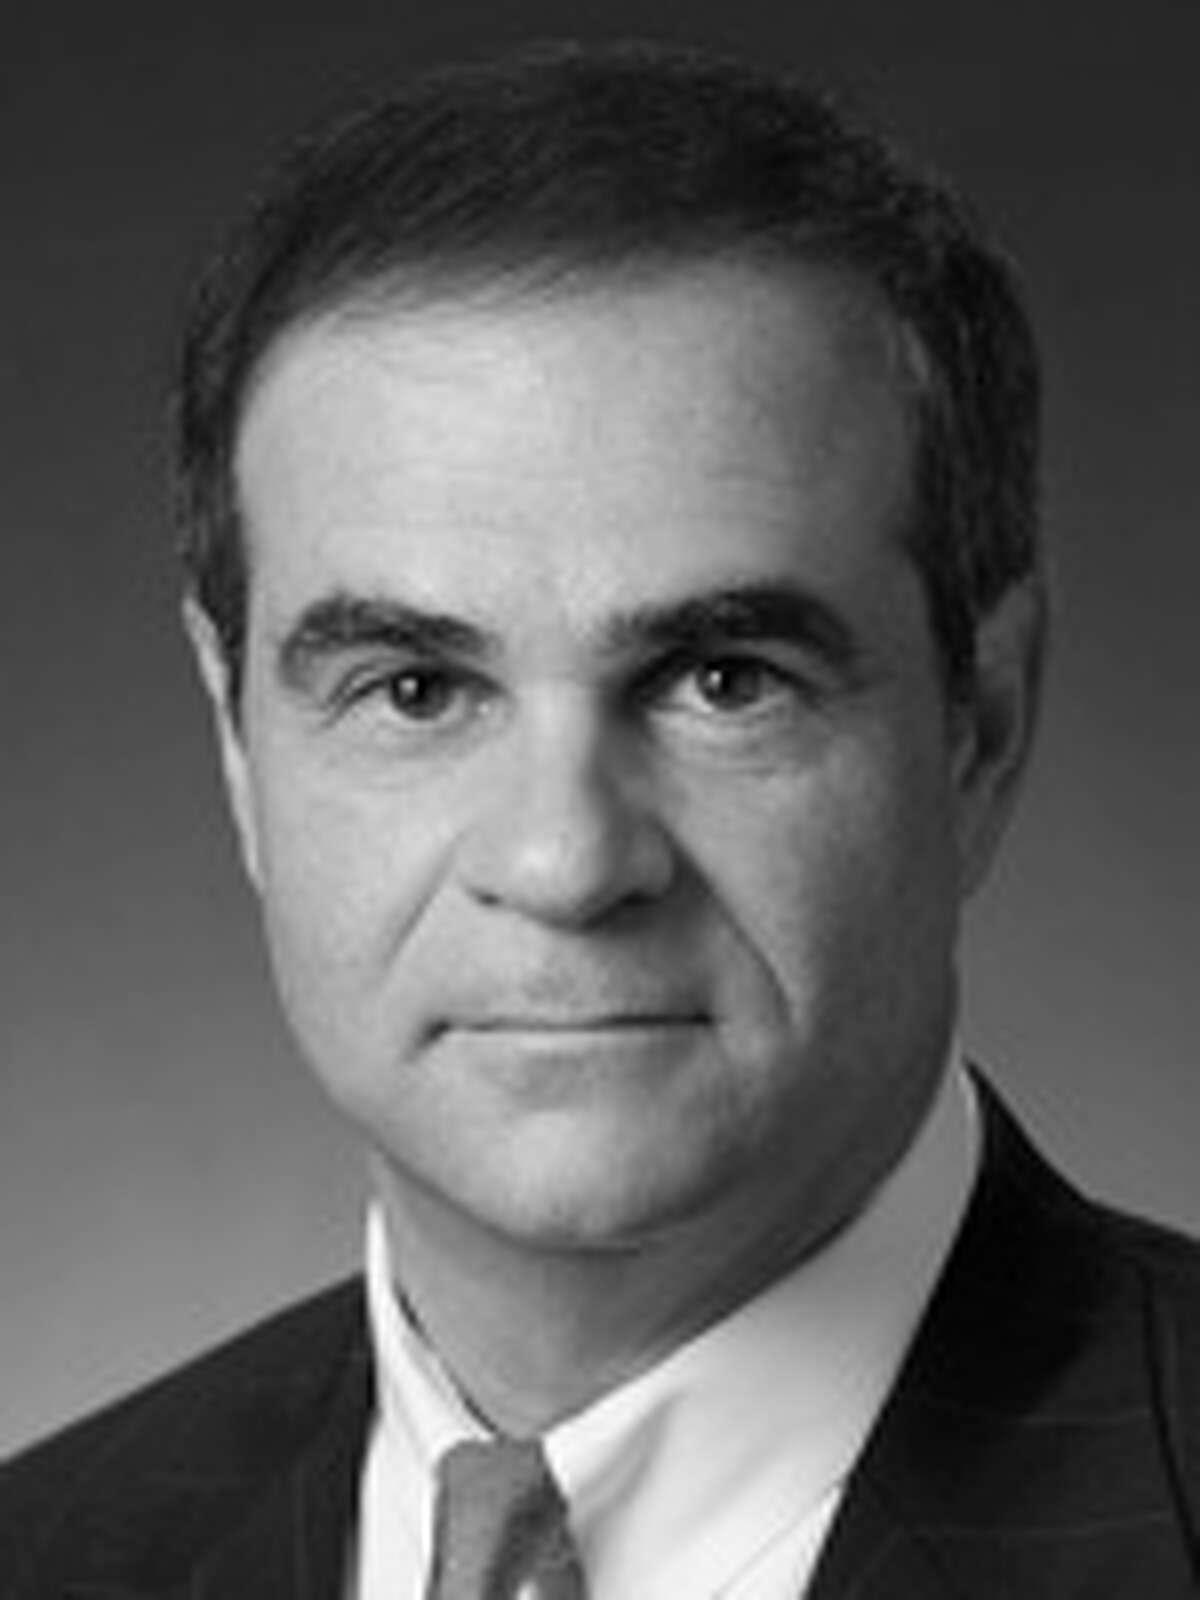 Houston attorney Philip Hilder is part of Attorney General Ken Paxton's legal team (photo from Hilder & Associate website)